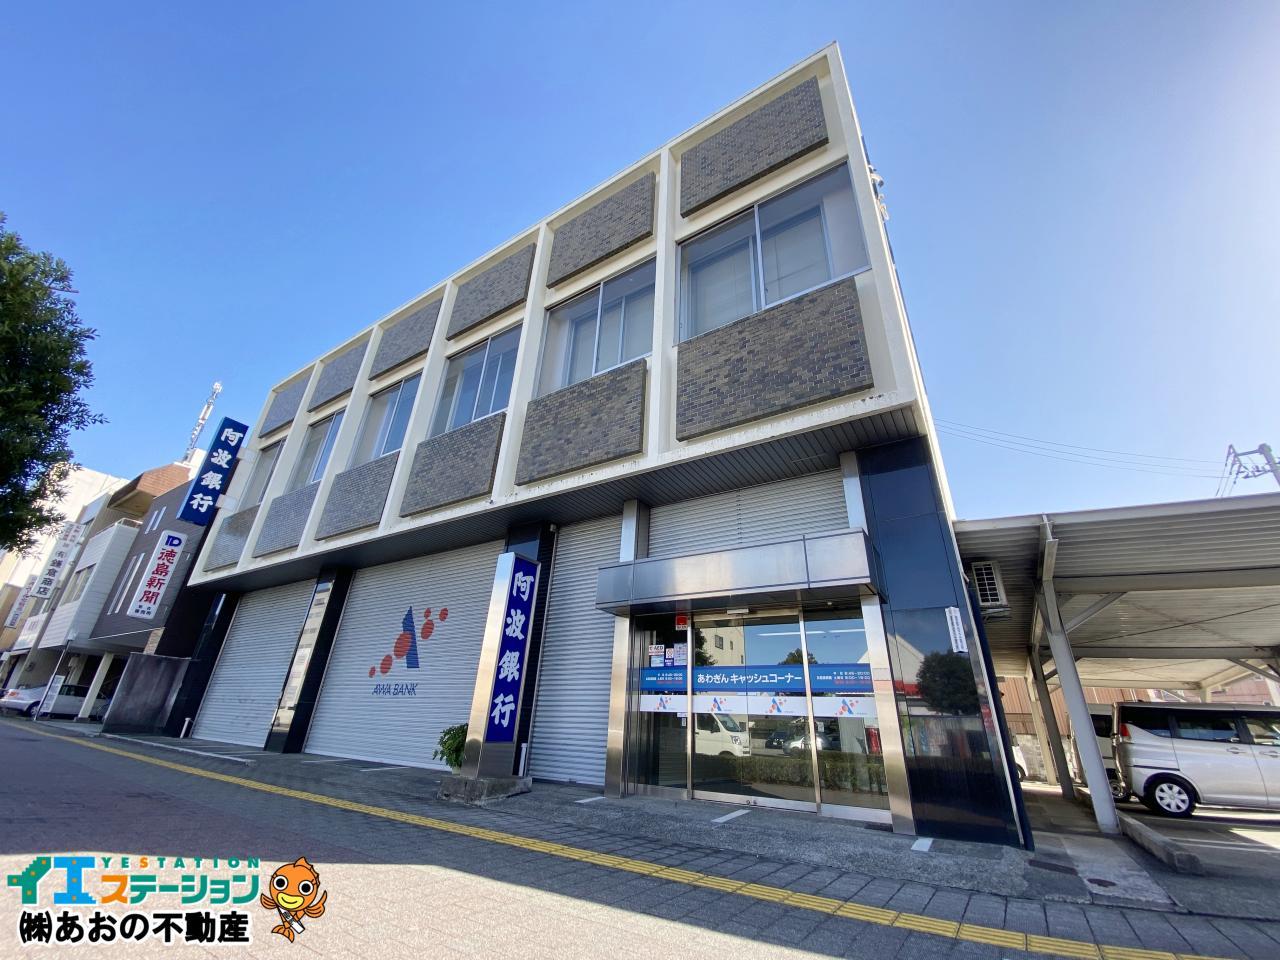 阿波銀行 佐古東支店